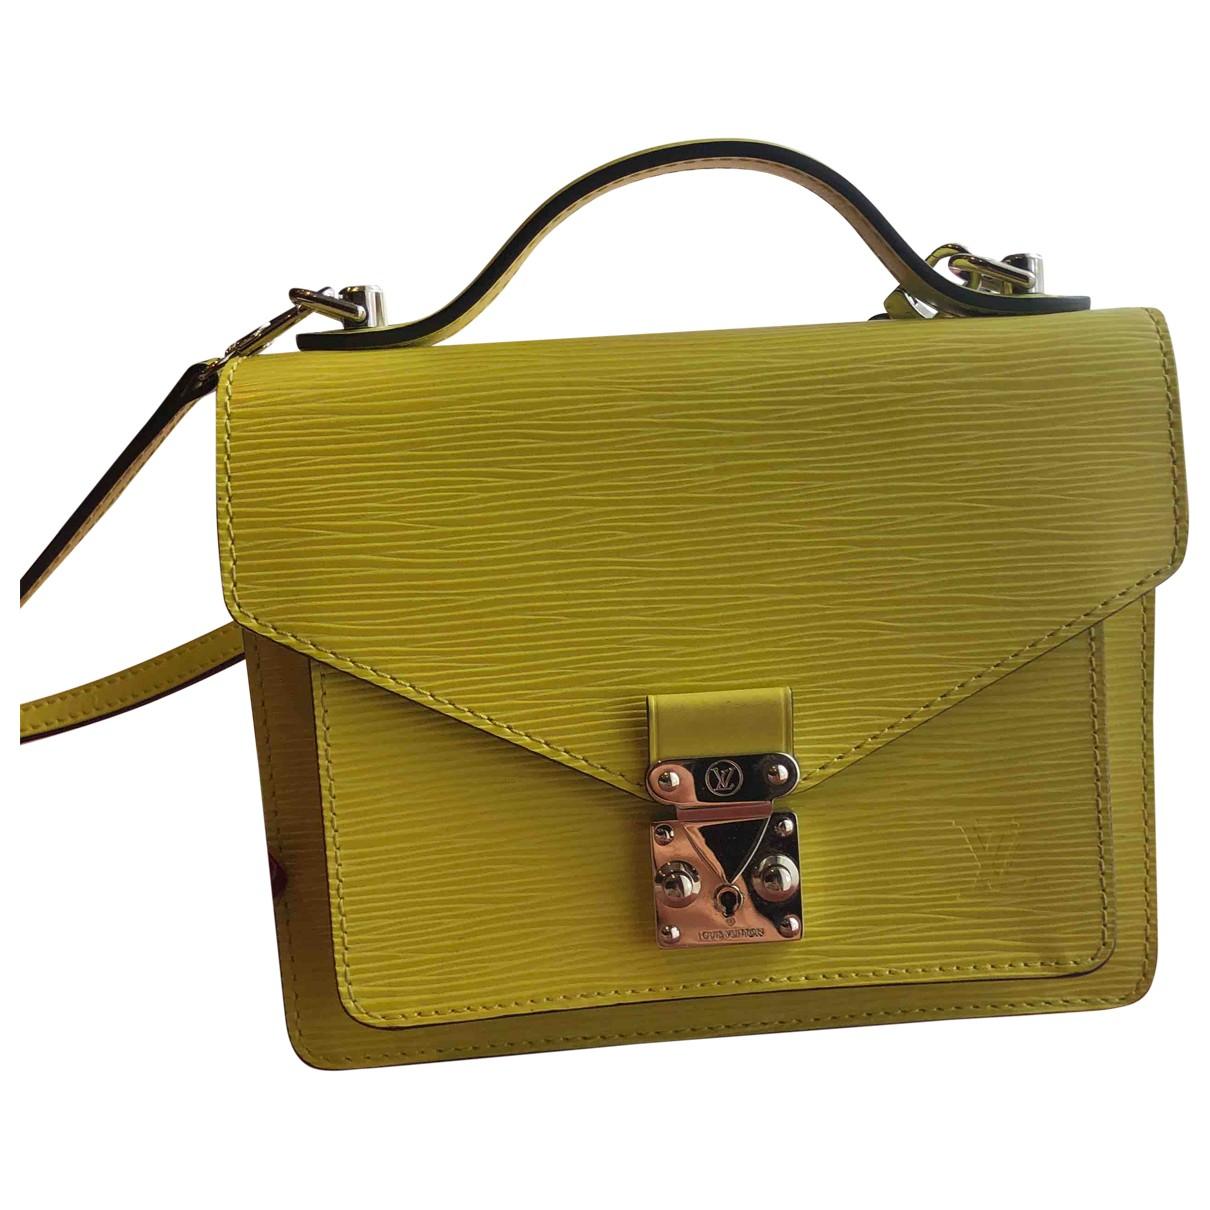 Louis Vuitton - Sac a main   pour femme en cuir - jaune